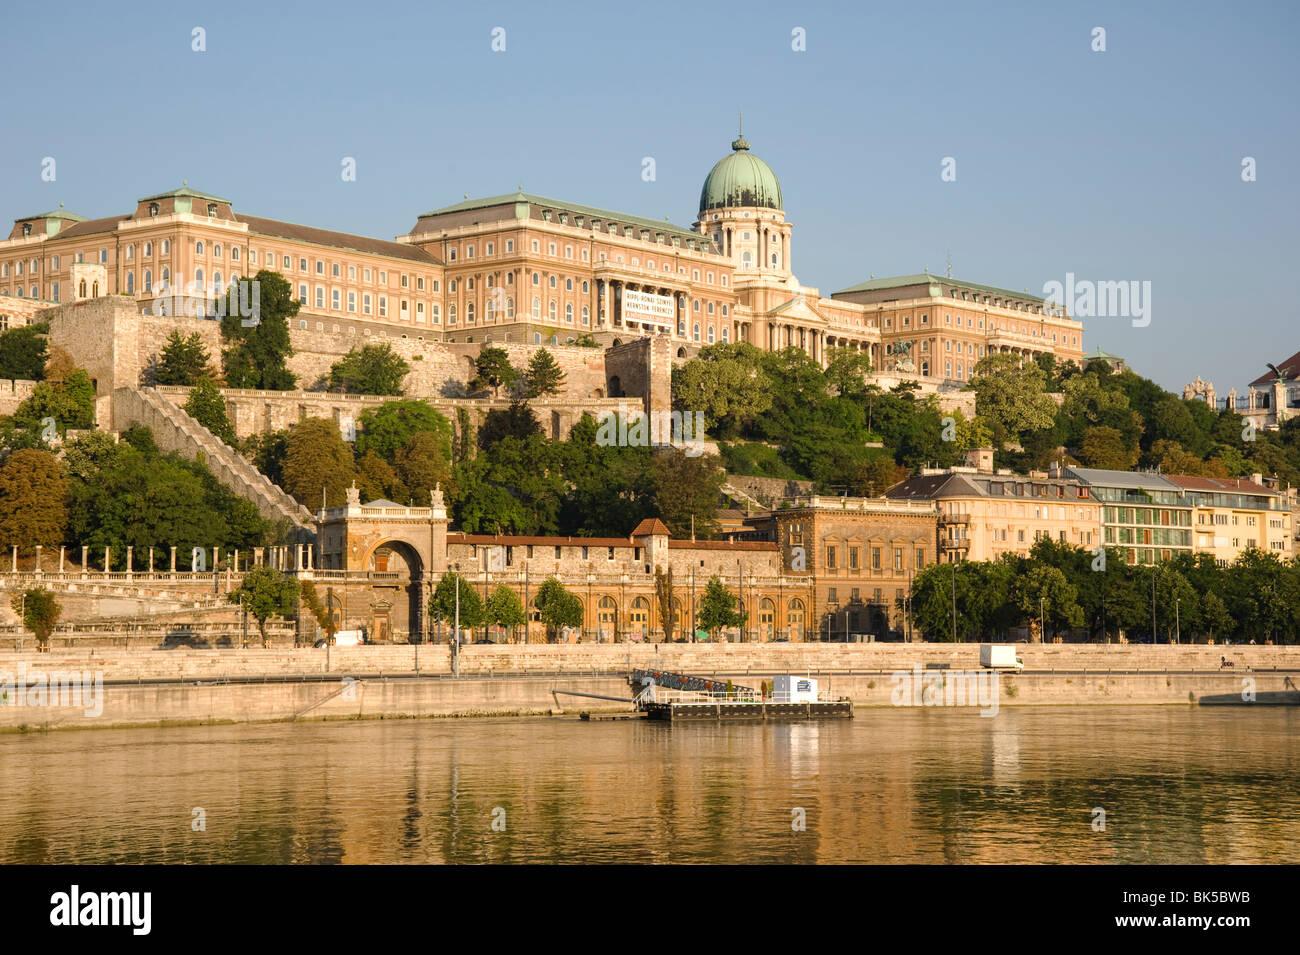 Der königliche Palast auf dem Burgberg gesehen aus der Donau, Budapest, Ungarn, Europa Stockbild